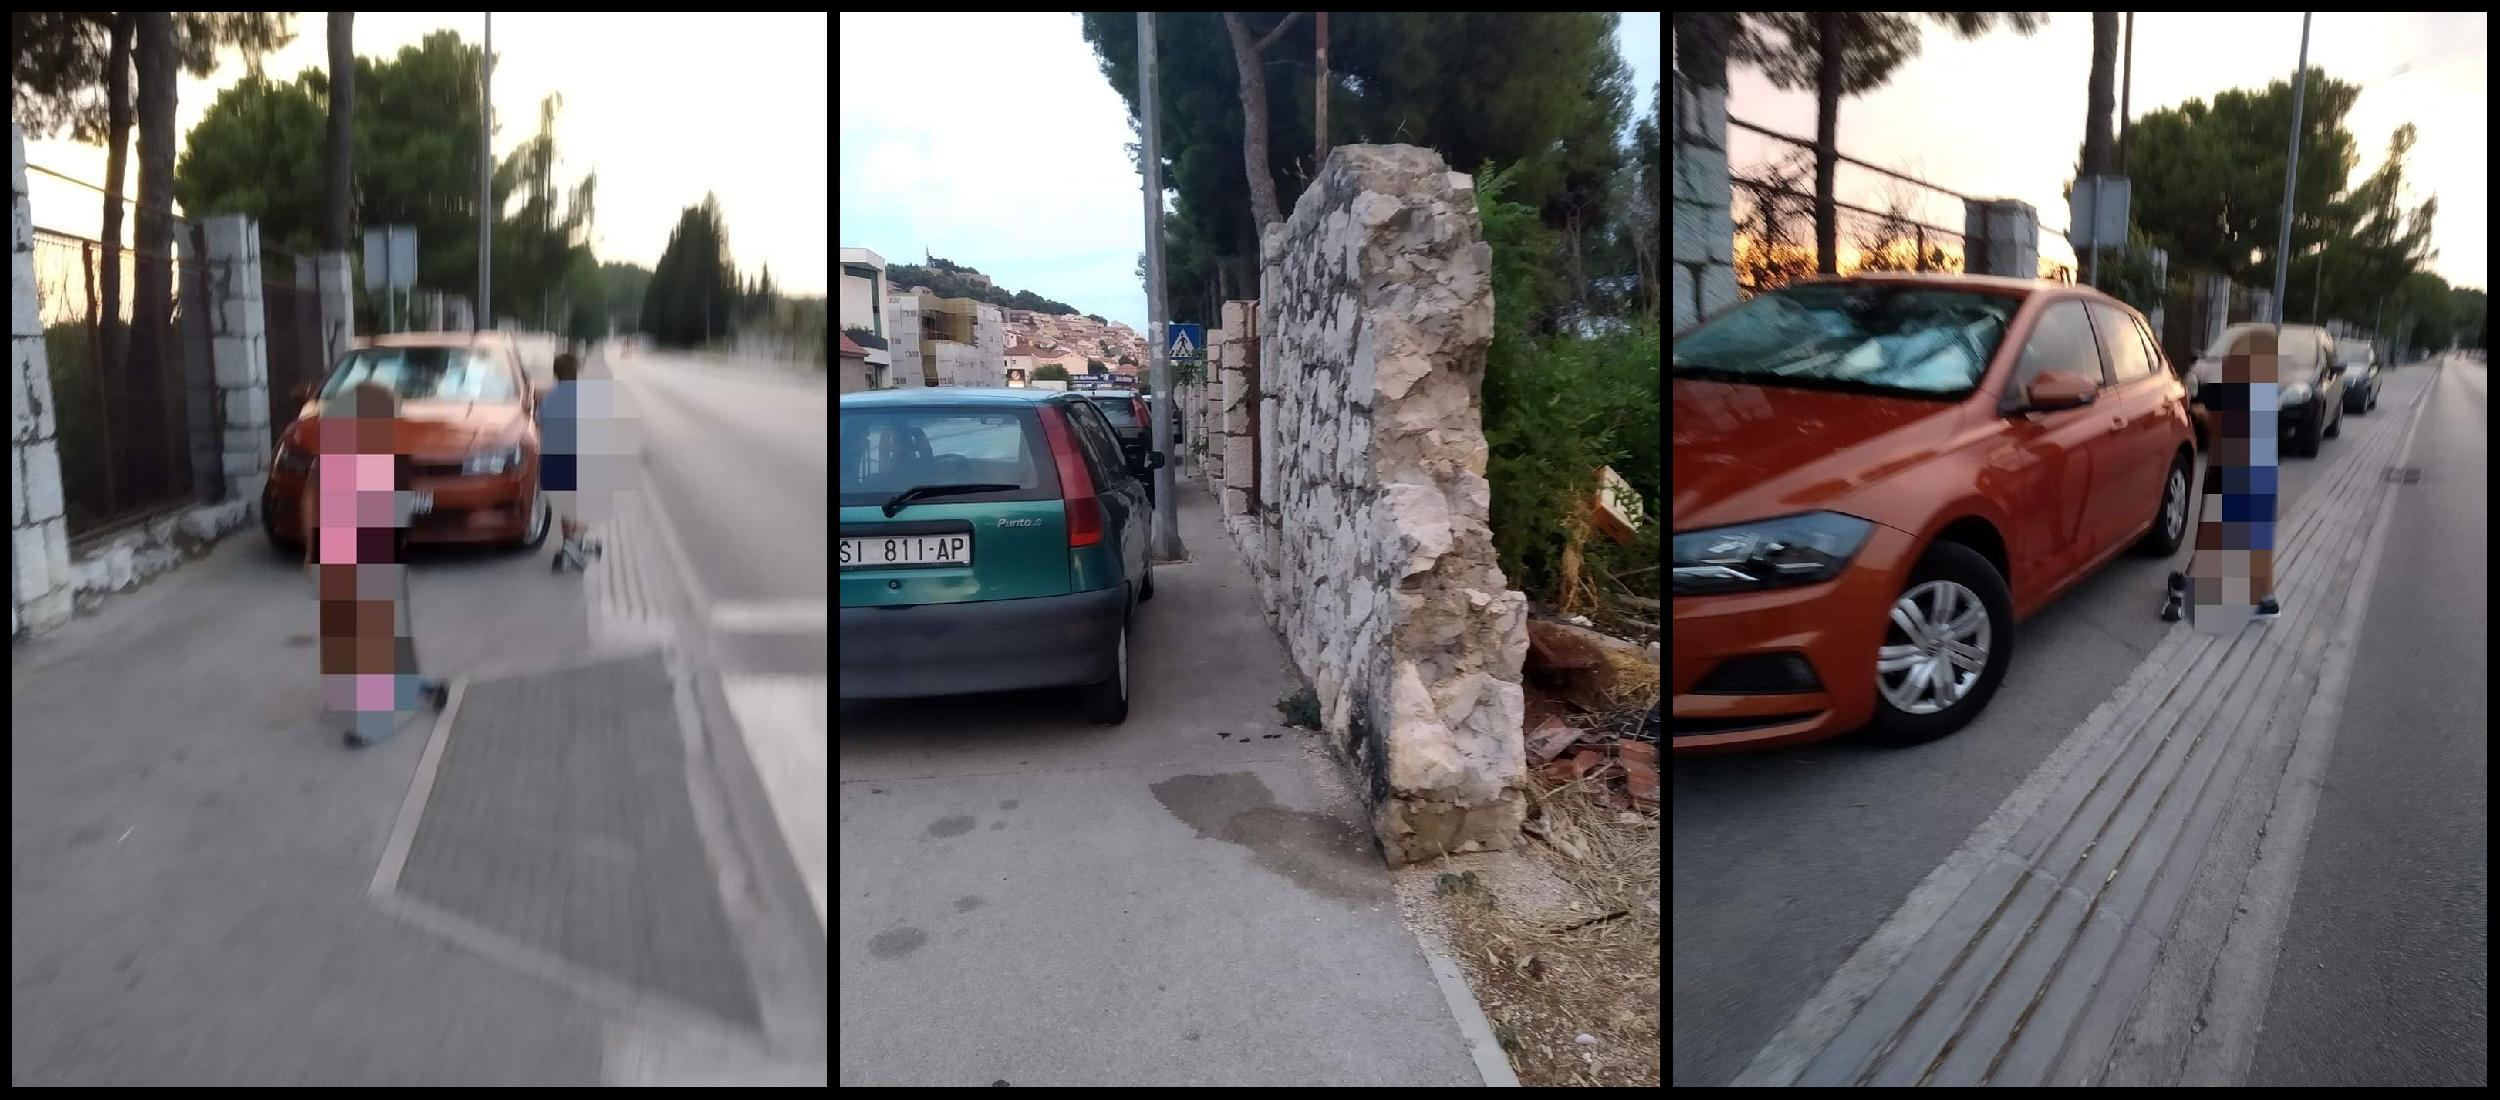 Tko je dozvolio parking po nogostupu??